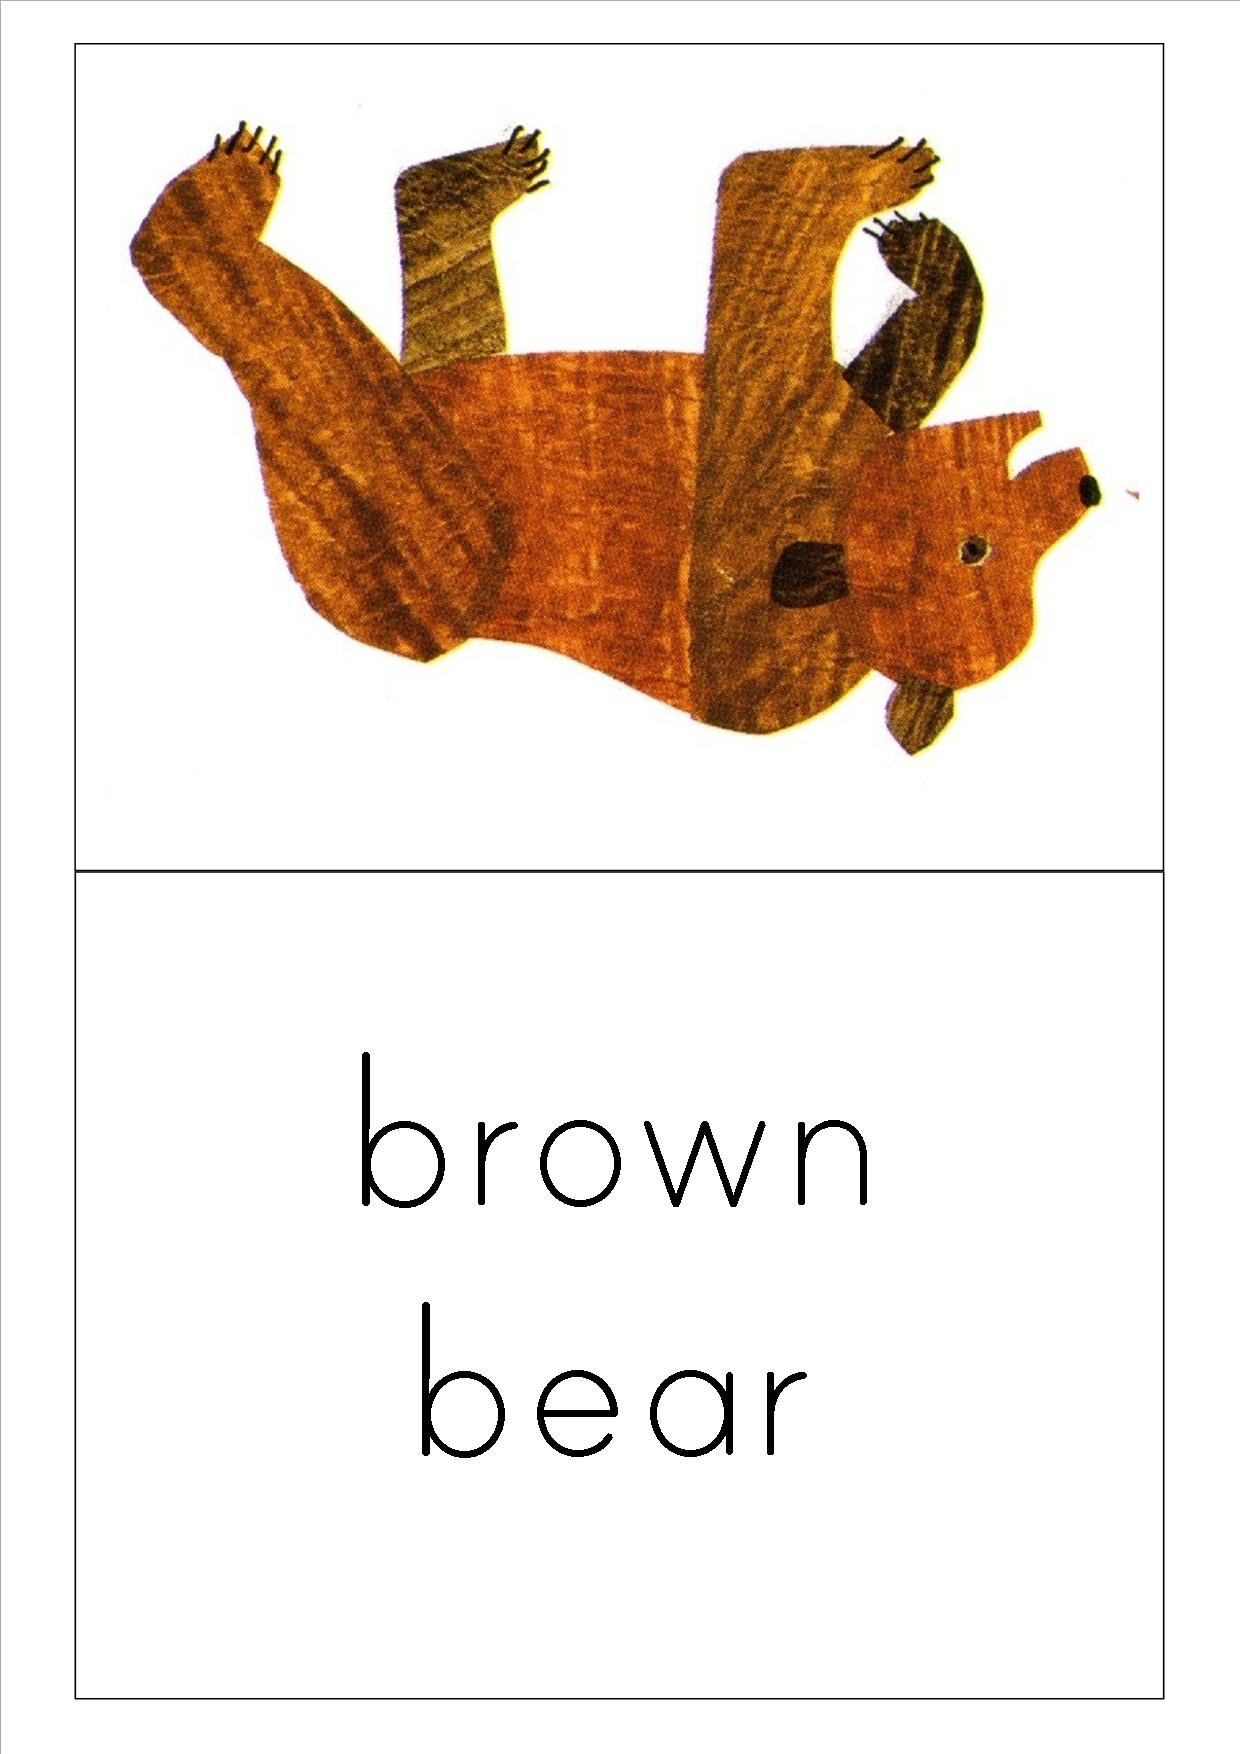 Eric Carle Brown Bear PNG - 132569